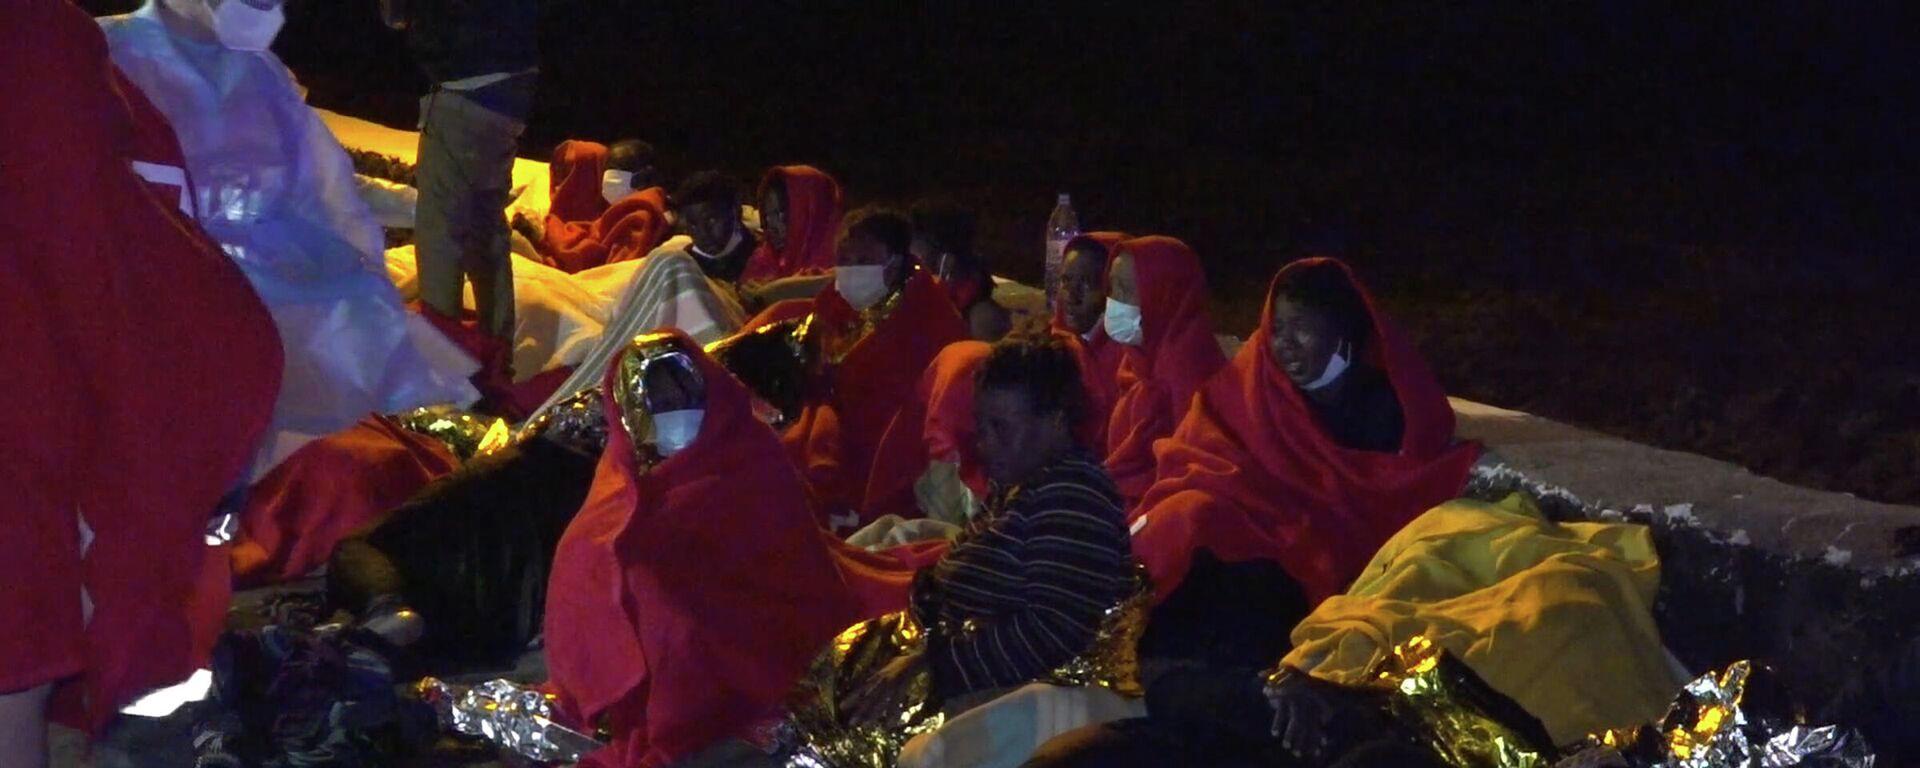 Migrantes rescatados de madrugada tras encallar su embarcación en Orzola, Lanzarote - Sputnik Mundo, 1920, 24.09.2021